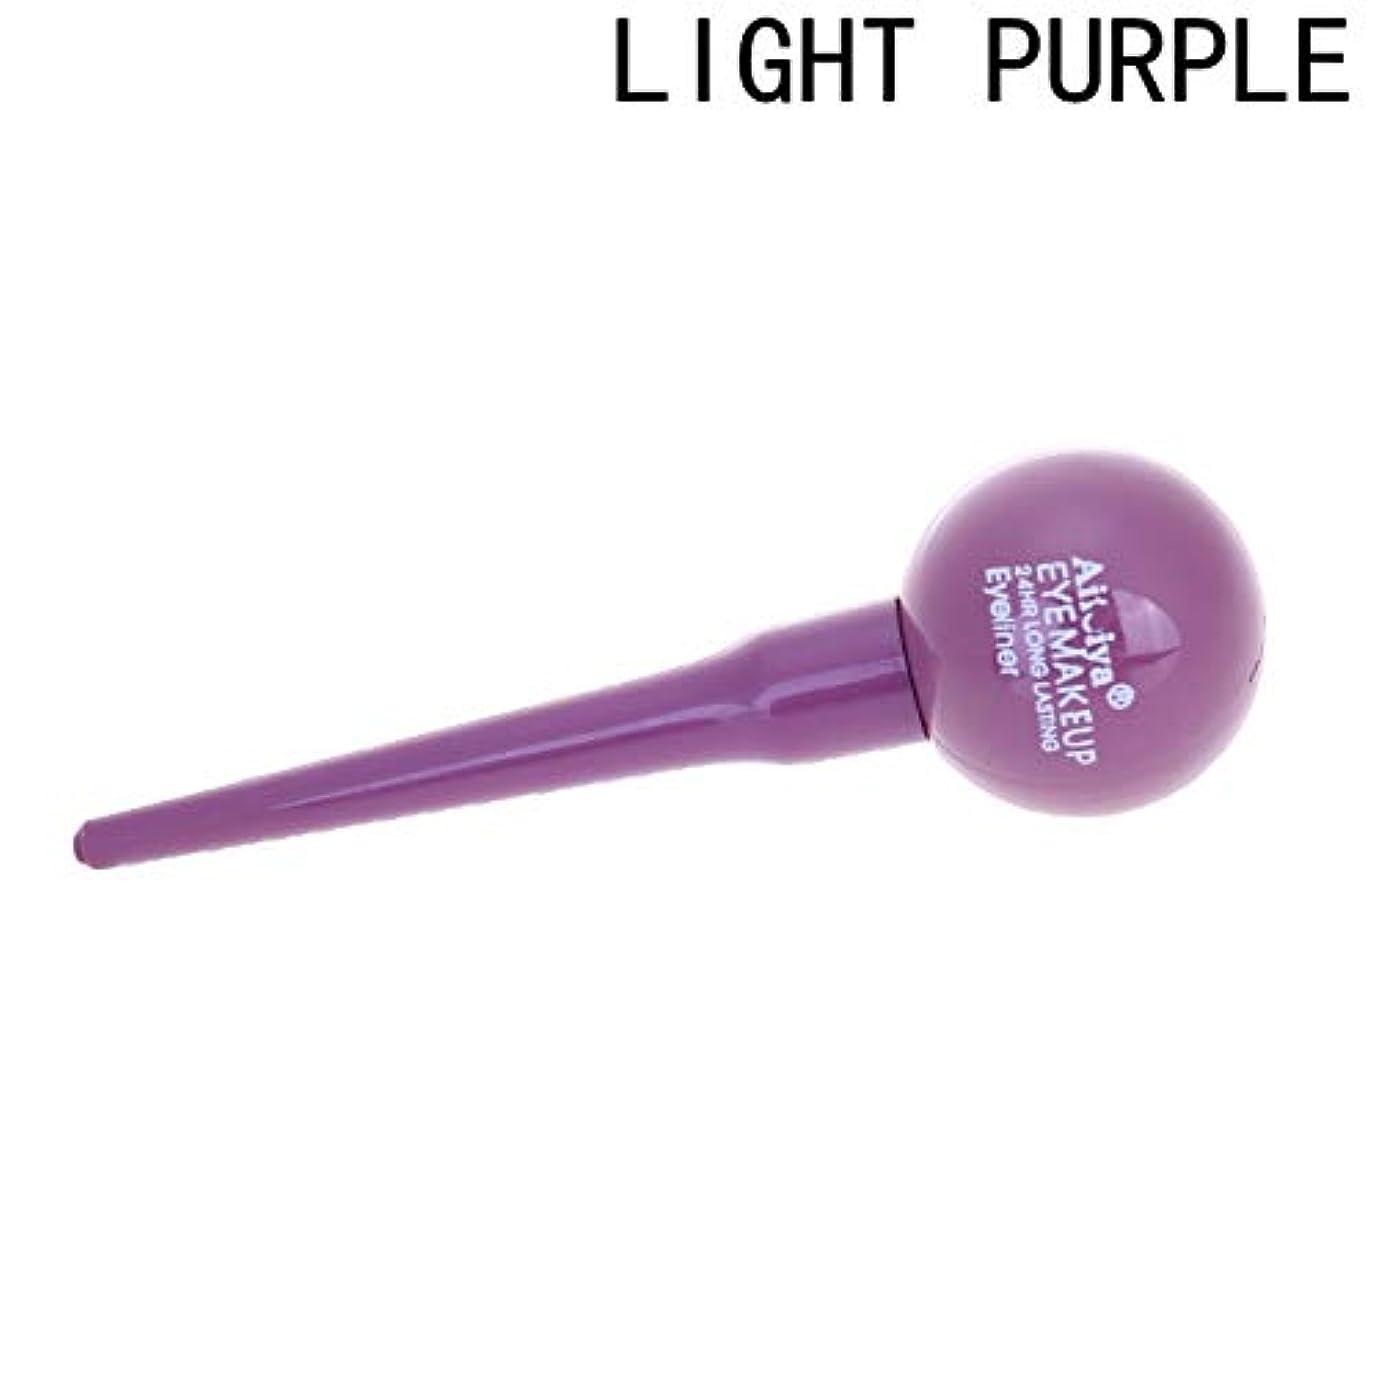 市場哲学博士暴露Wadachikis プリーツ女性ロリポップ化粧品防水液体アイライナーアイライナーペンシル化粧美しさ(None light purple)